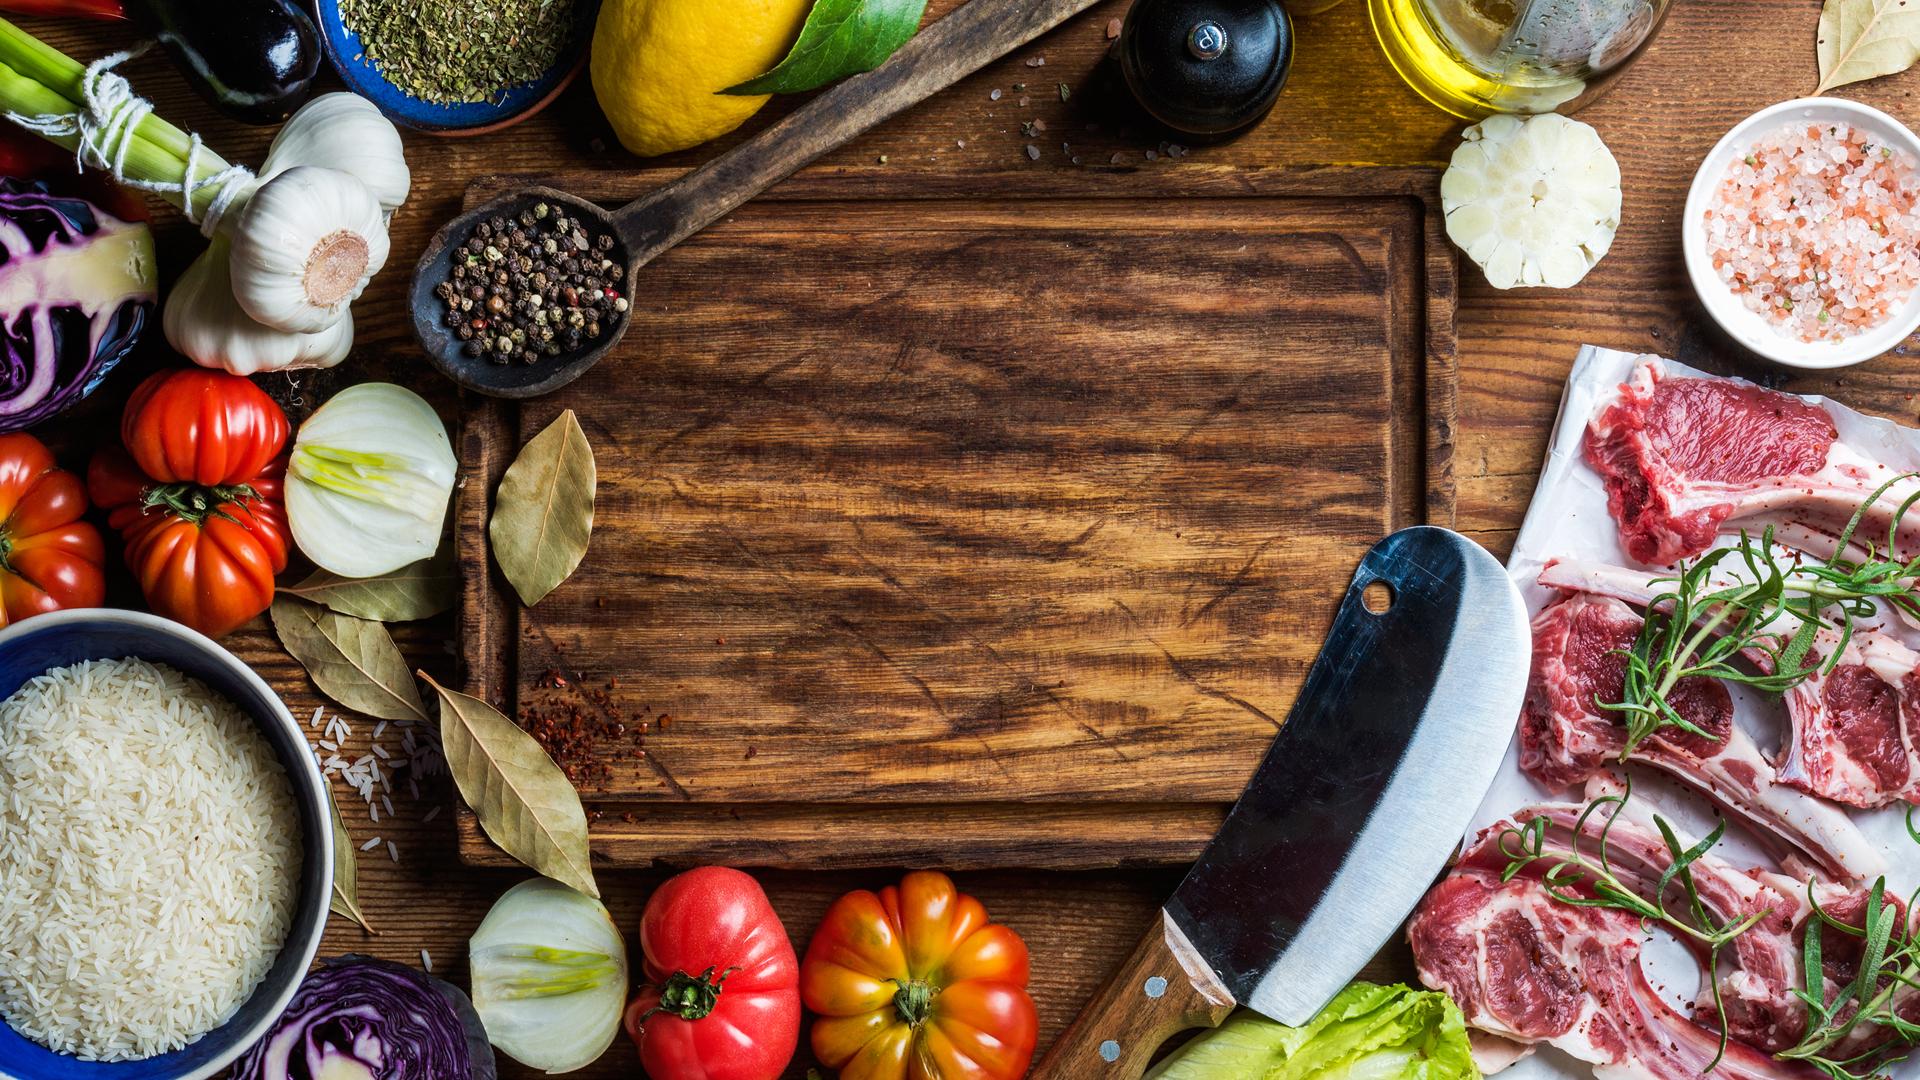 Dorable Anhelan La Cocina Inspiración - Como Decorar la Cocina ...